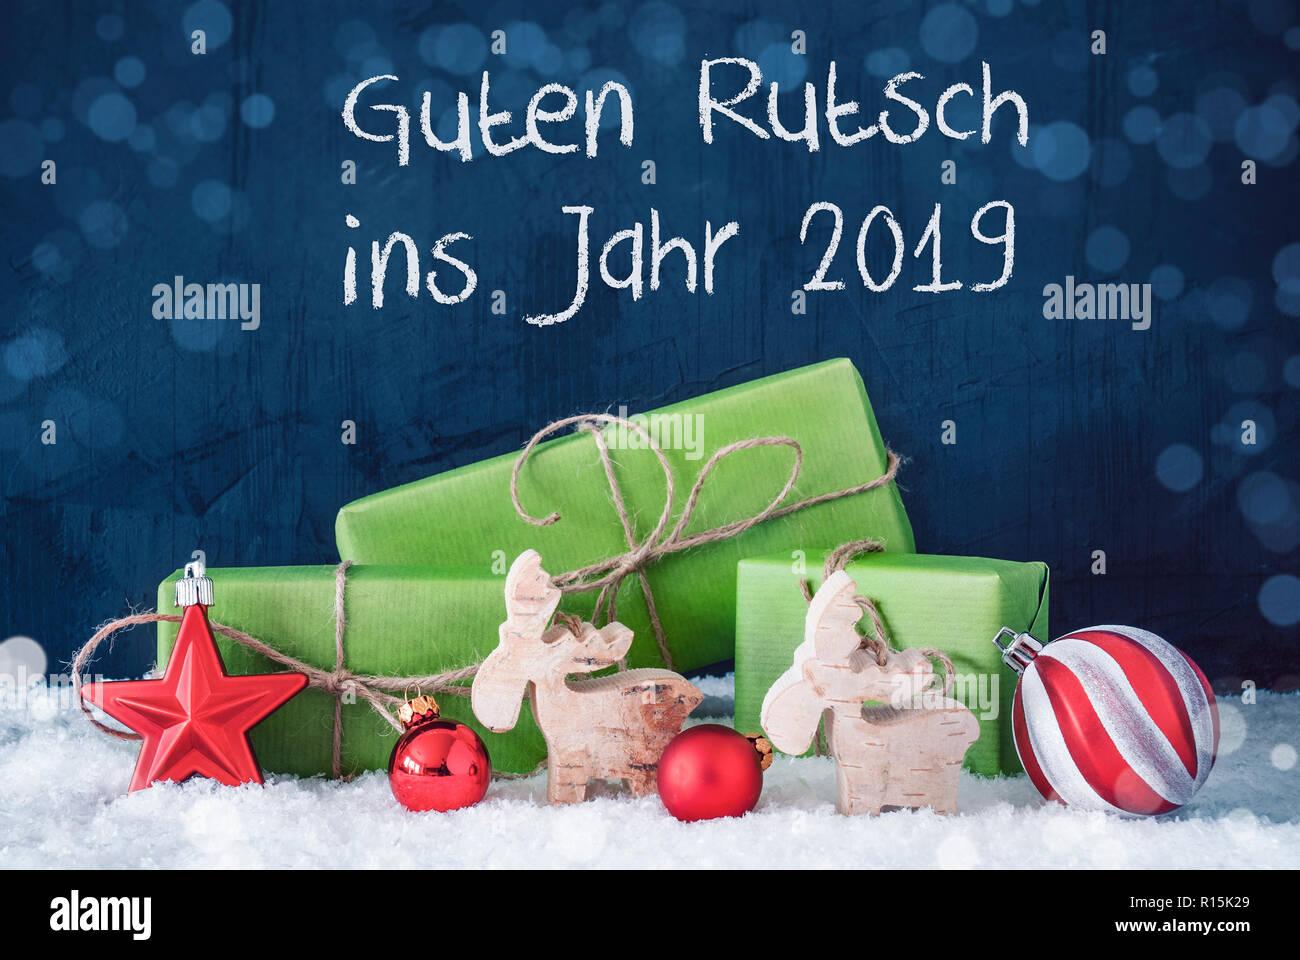 Weihnachten Geschenke 2019.Grüne Weihnachten Geschenke Guten Rutsch Ins Jahr 2019 Frohes